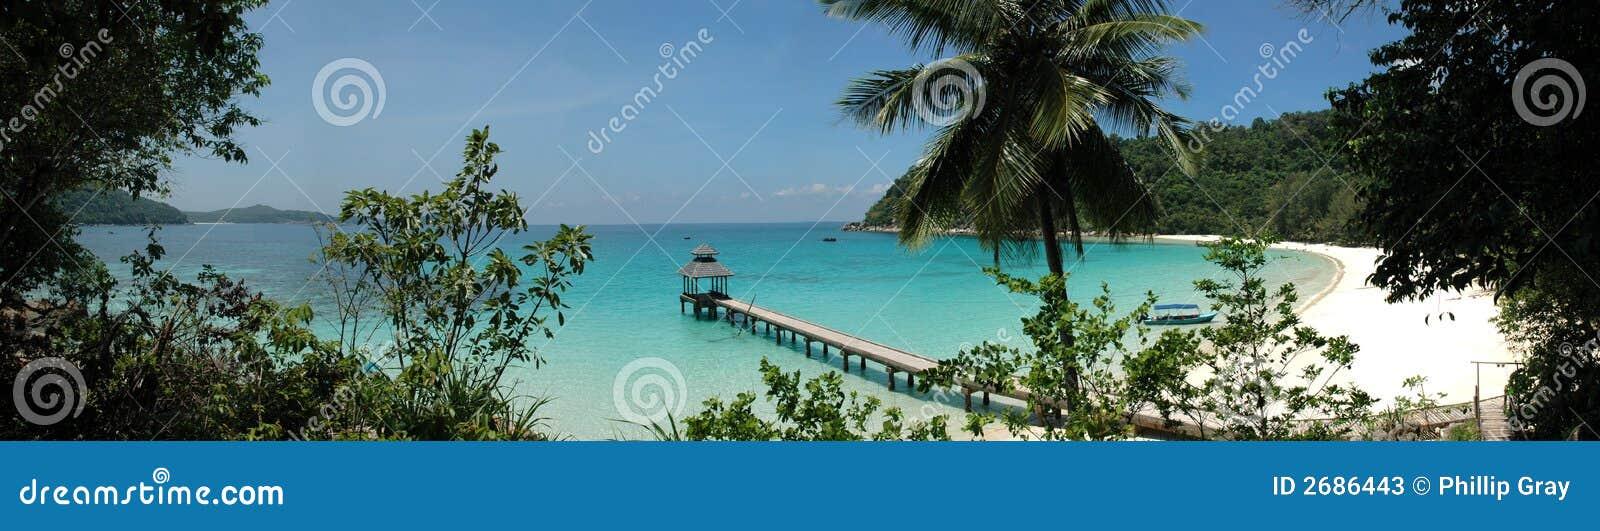 Tropische Strand-Anlegestelle